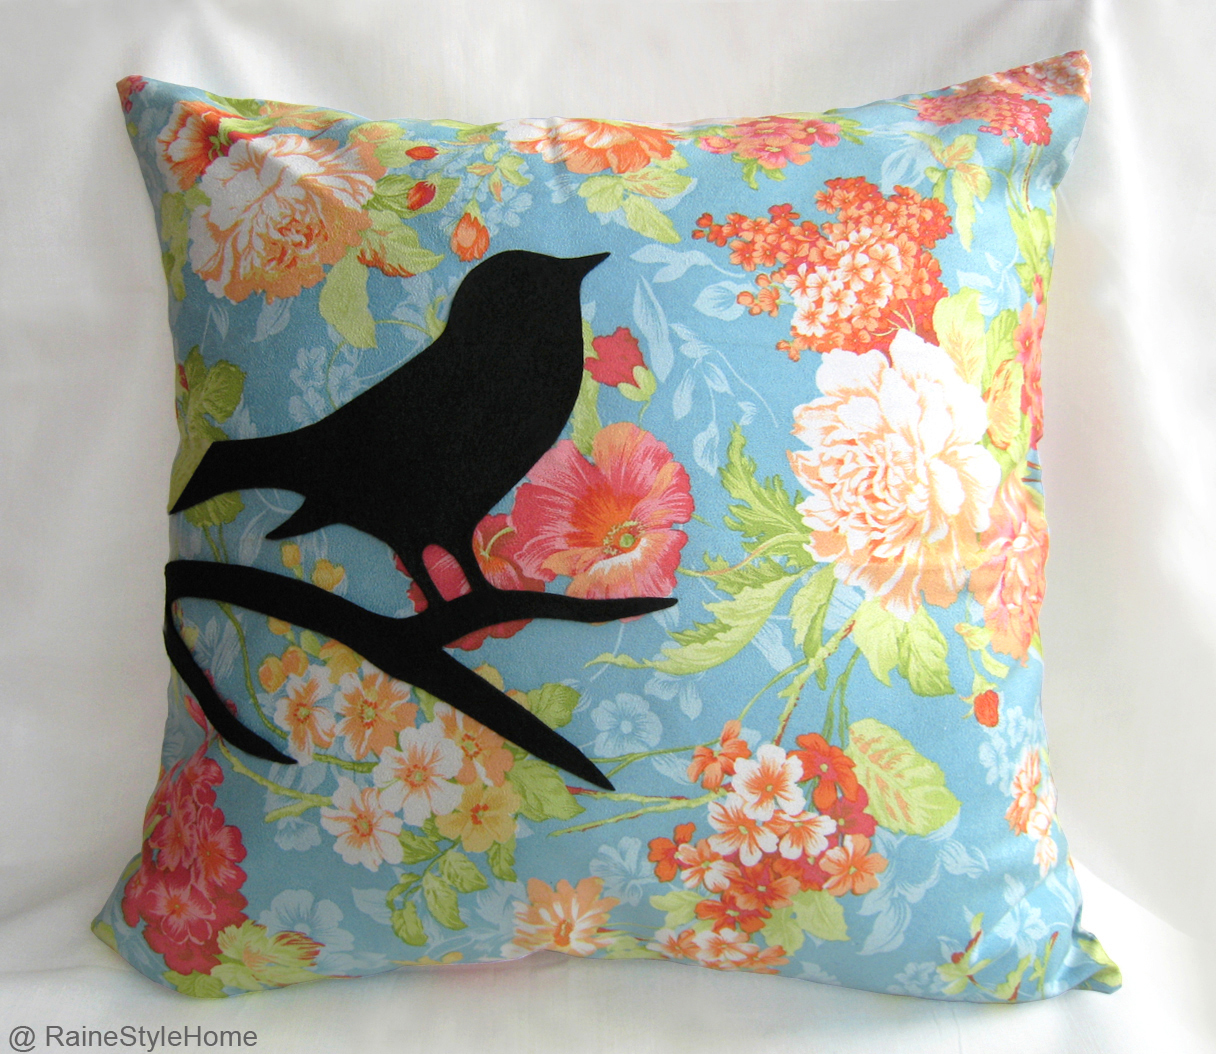 Handmade Modern Pillow Covers : Handmade Bird On Brunch Aqua Blue And Black Pillow Cover. Modern Bird Cushion - Pillows